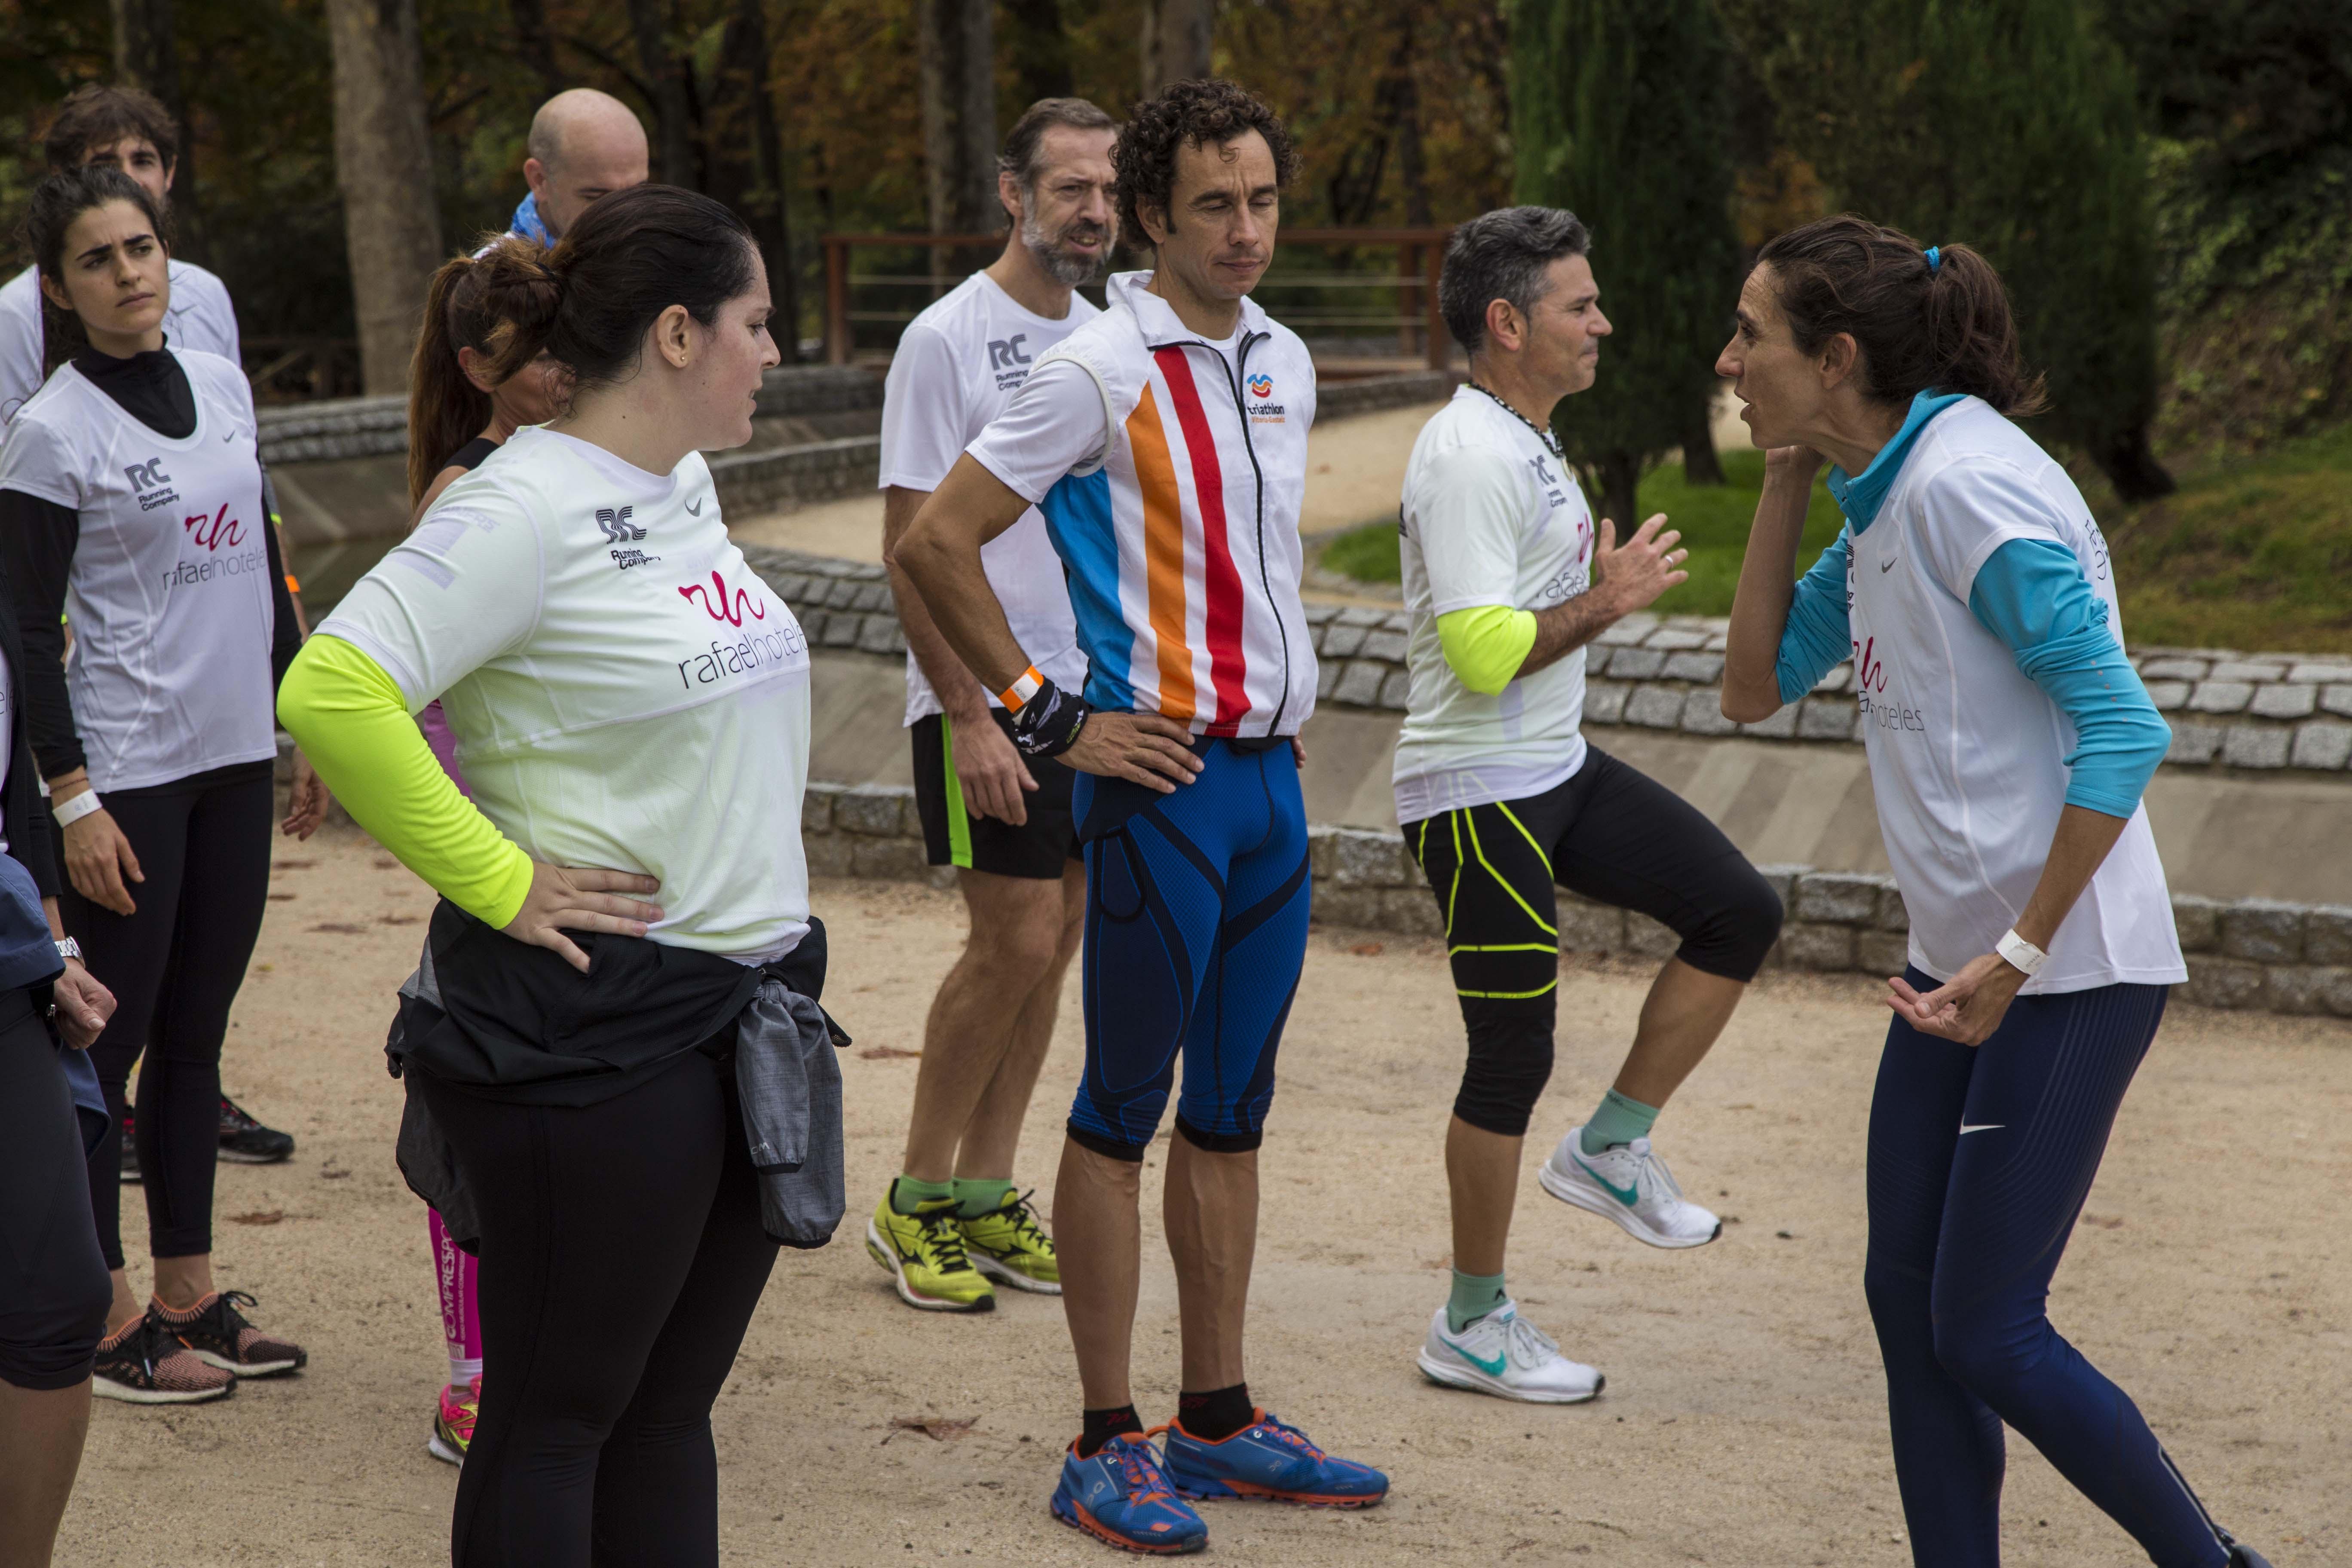 Entrenamiento solidario con la atleta olímpica Nuria Fernández en la I Running Master Class de Rafaelhoteles